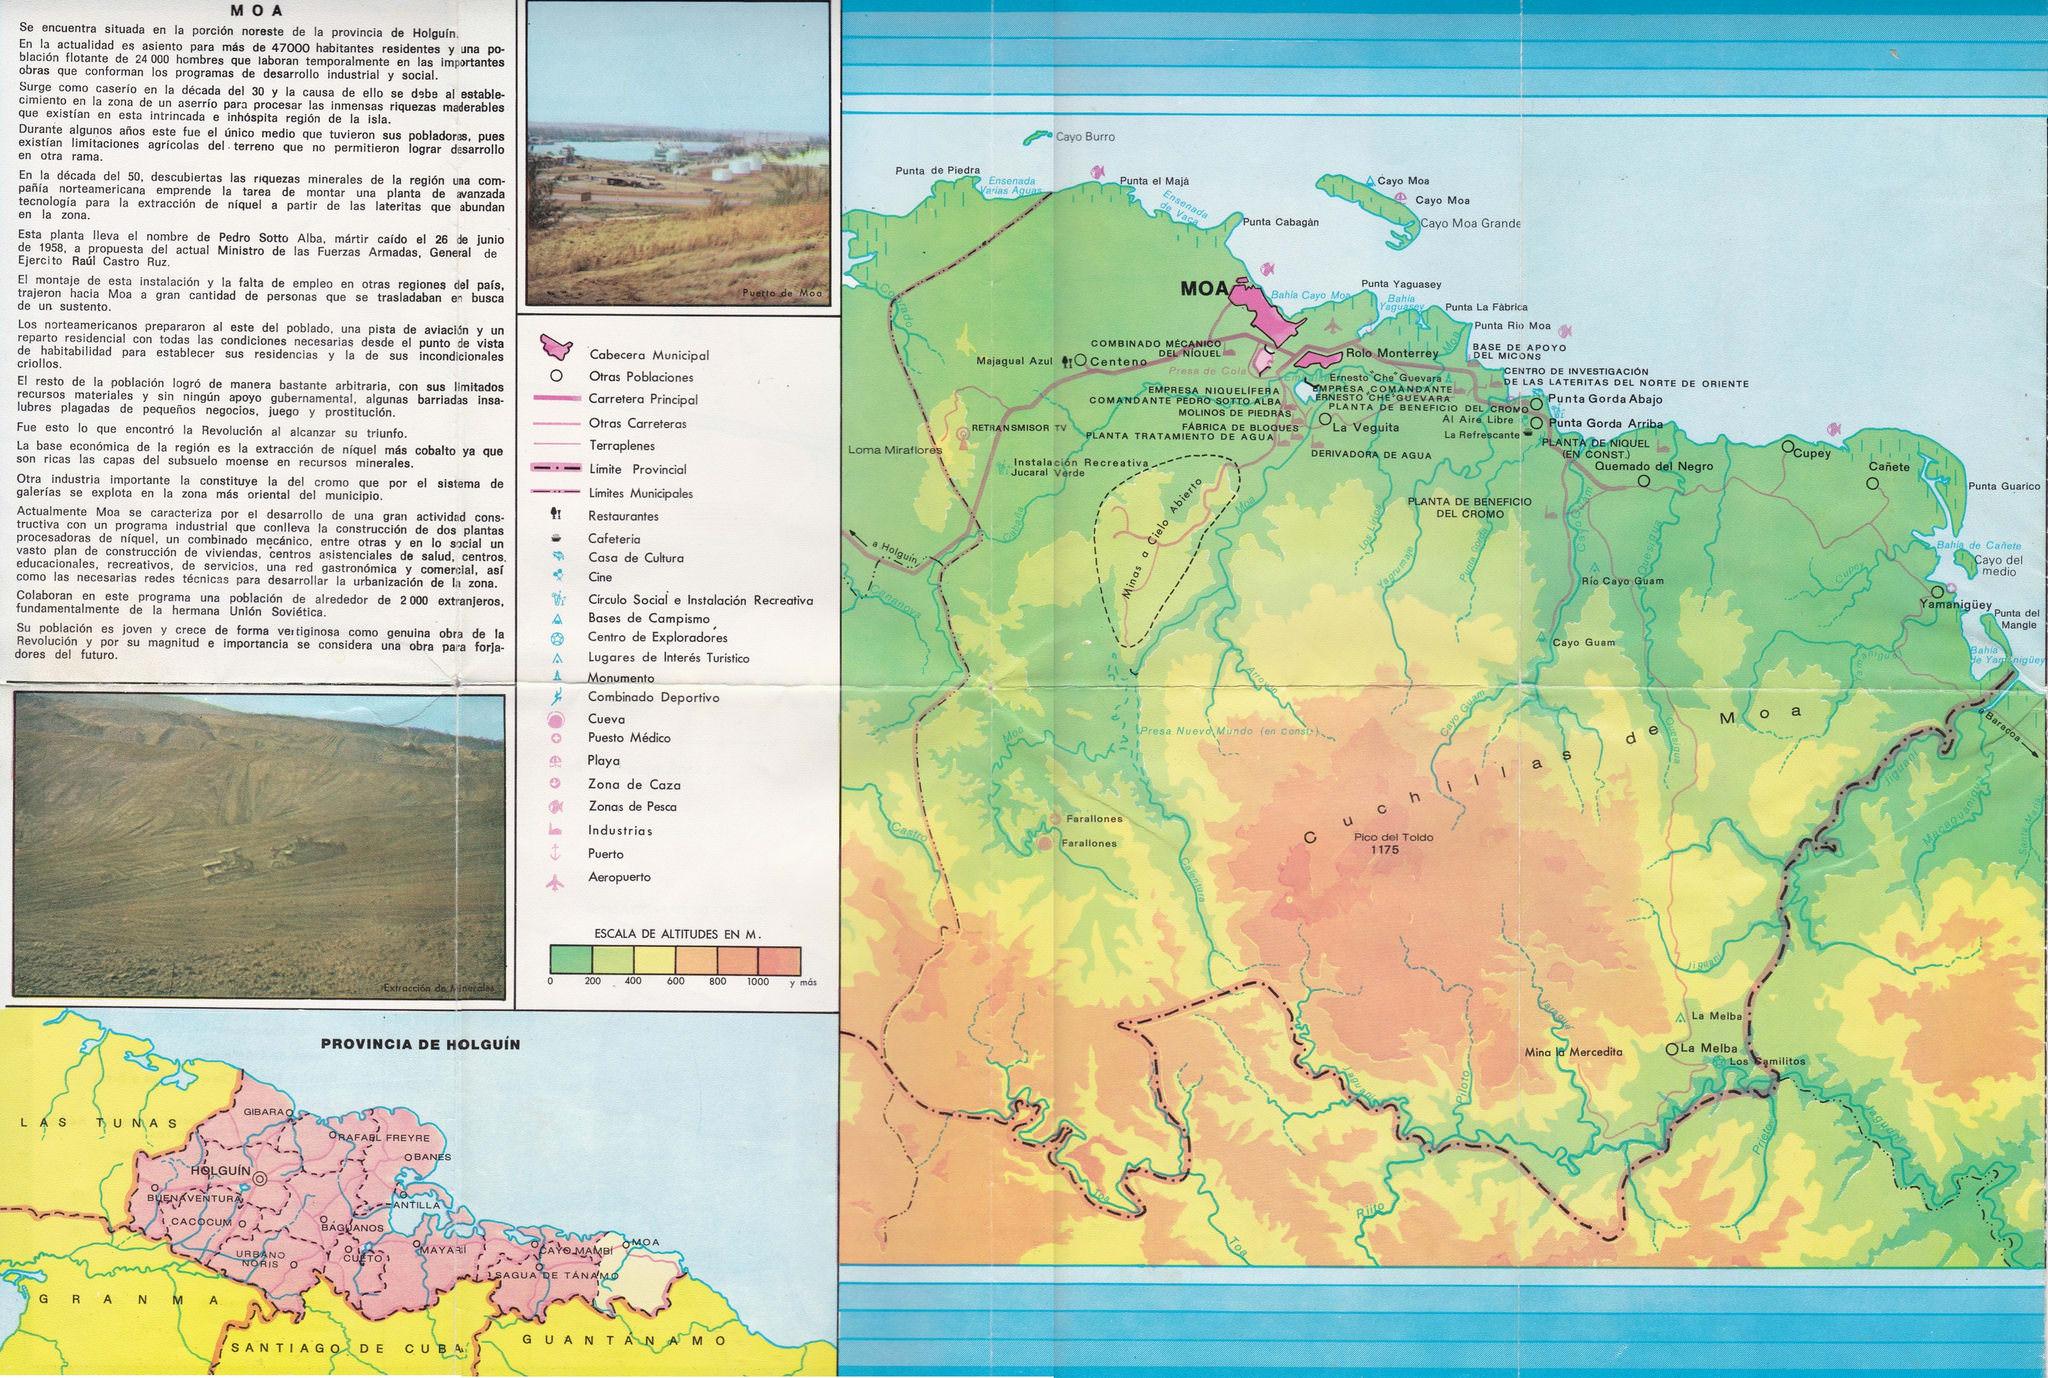 305. 1986. Карта Моа. Обратная сторона.